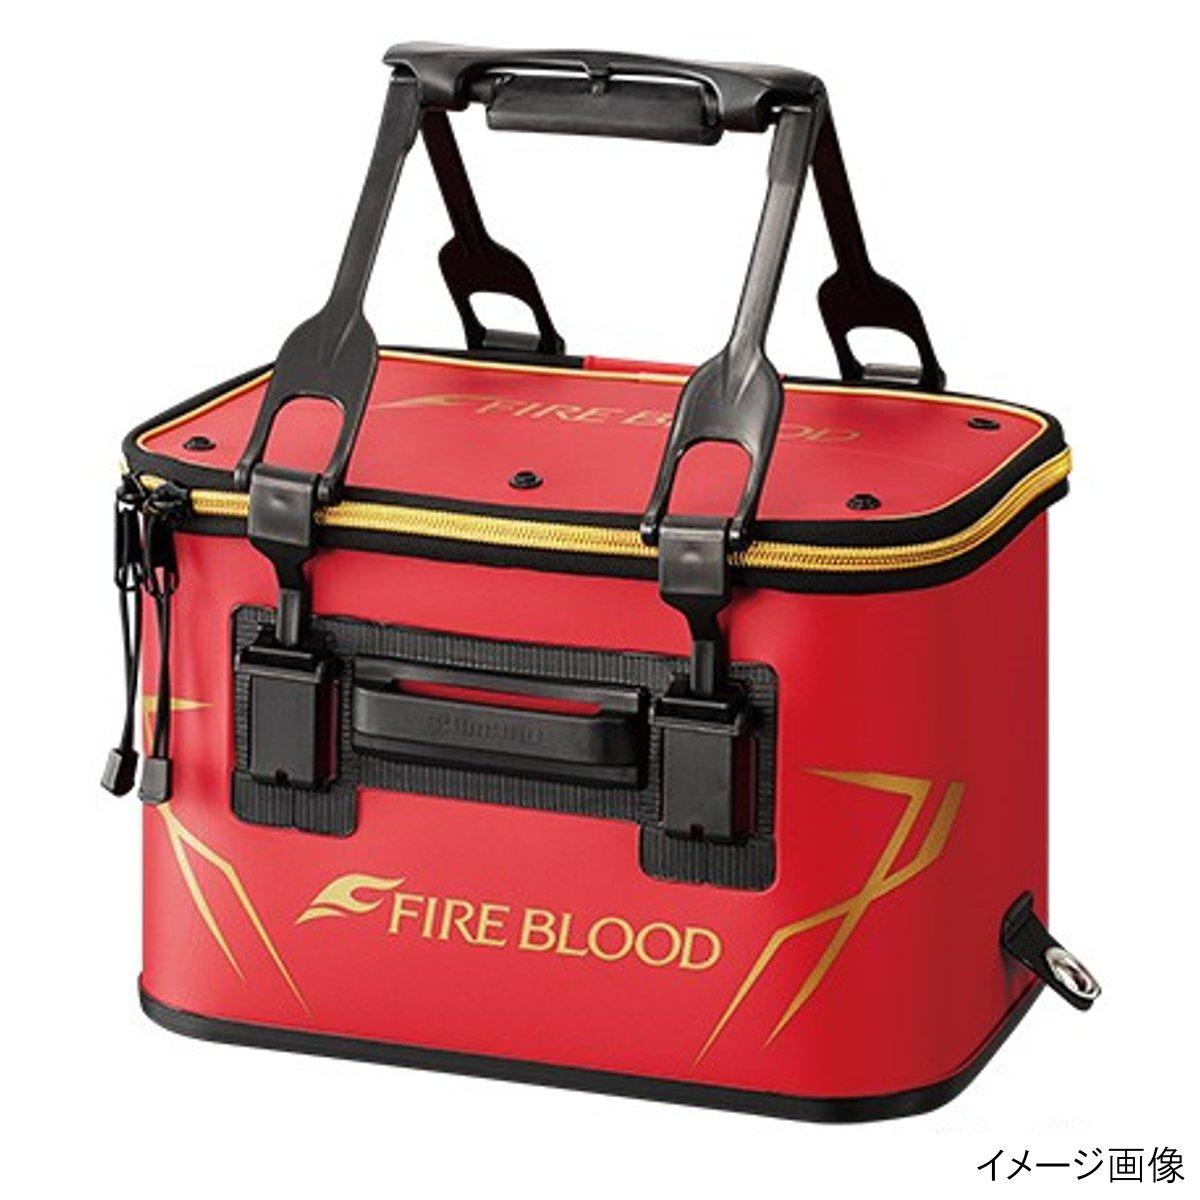 シマノ バッカン FIREBLOOD (ハードタイプ) BK-112Q 40cm ブラッドレッド